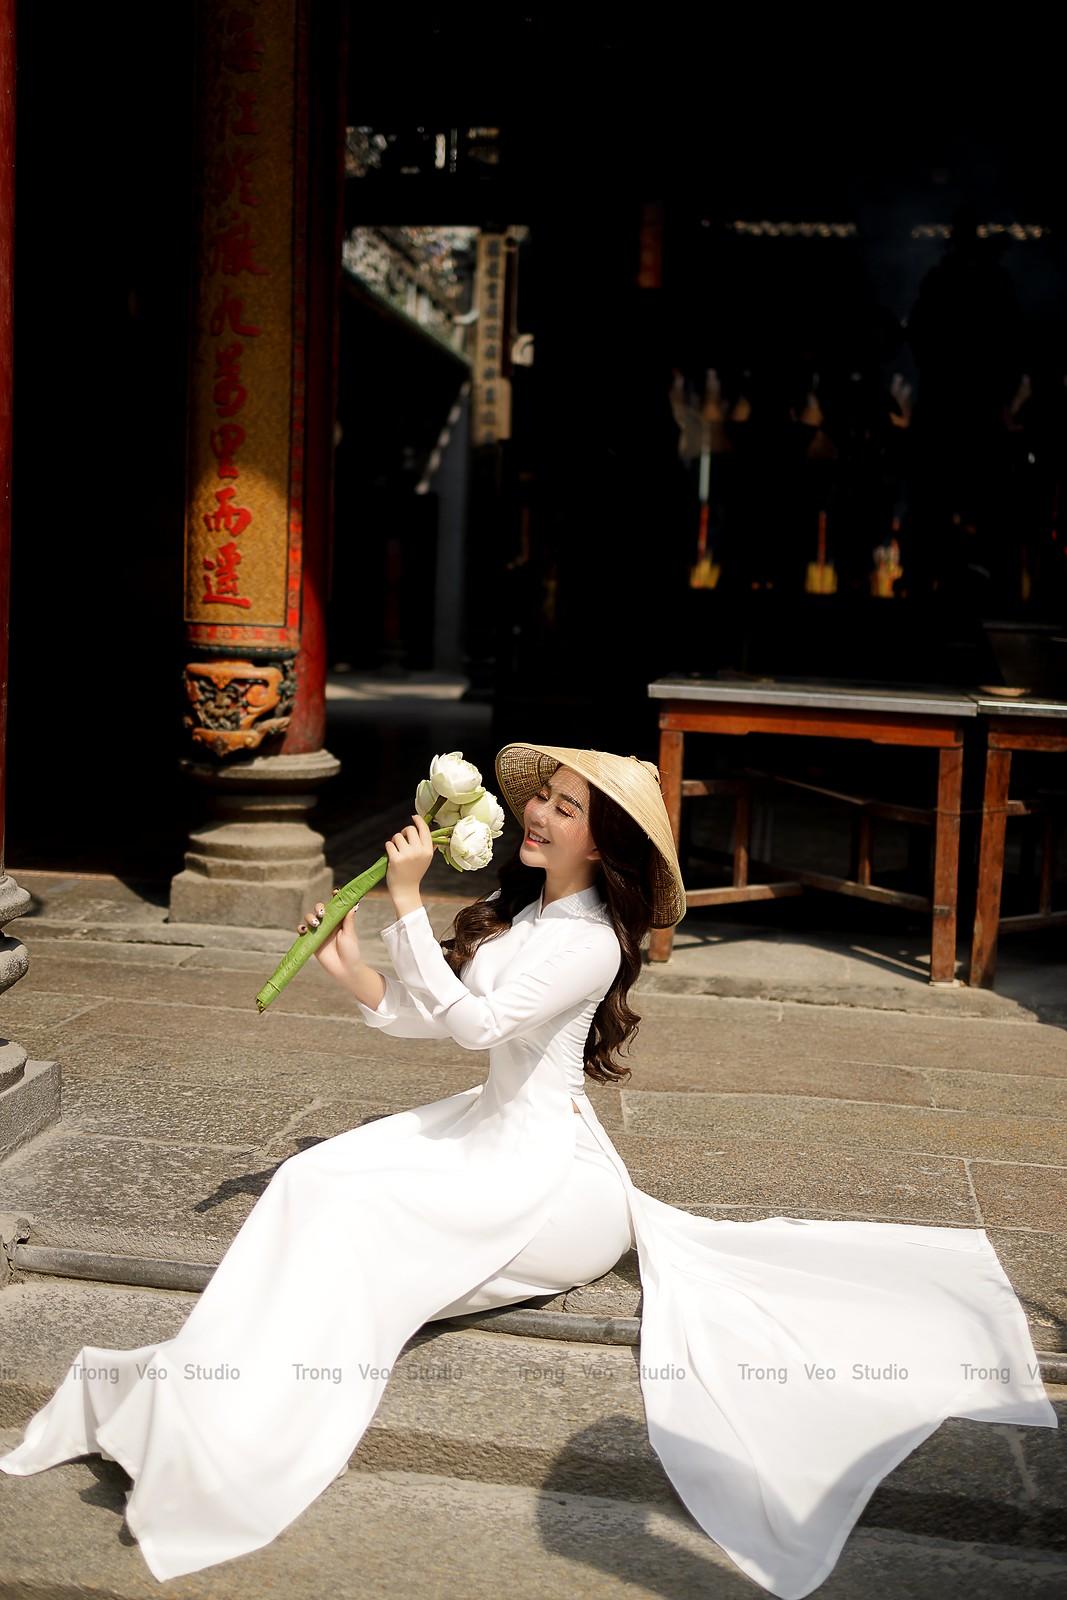 Ngắm hot girl Lục Anh xinh đẹp như hoa không sao tả xiết trong tà áo dài truyền thống - 26